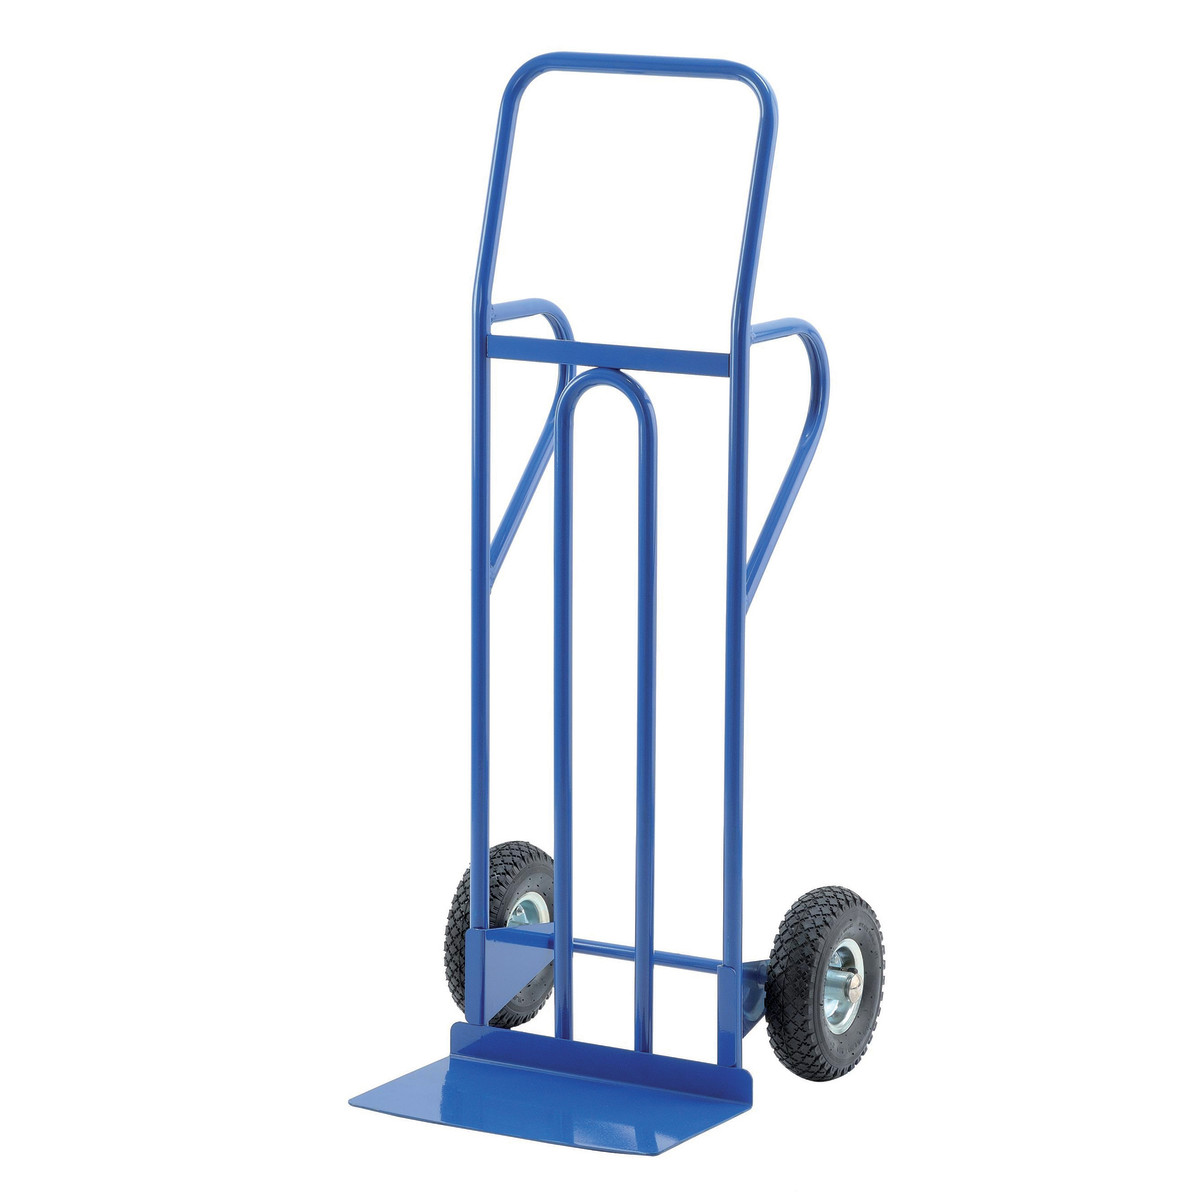 Gierre carrelli trasporto carrello ruote pneumatiche for Carrello pieghevole leroy merlin